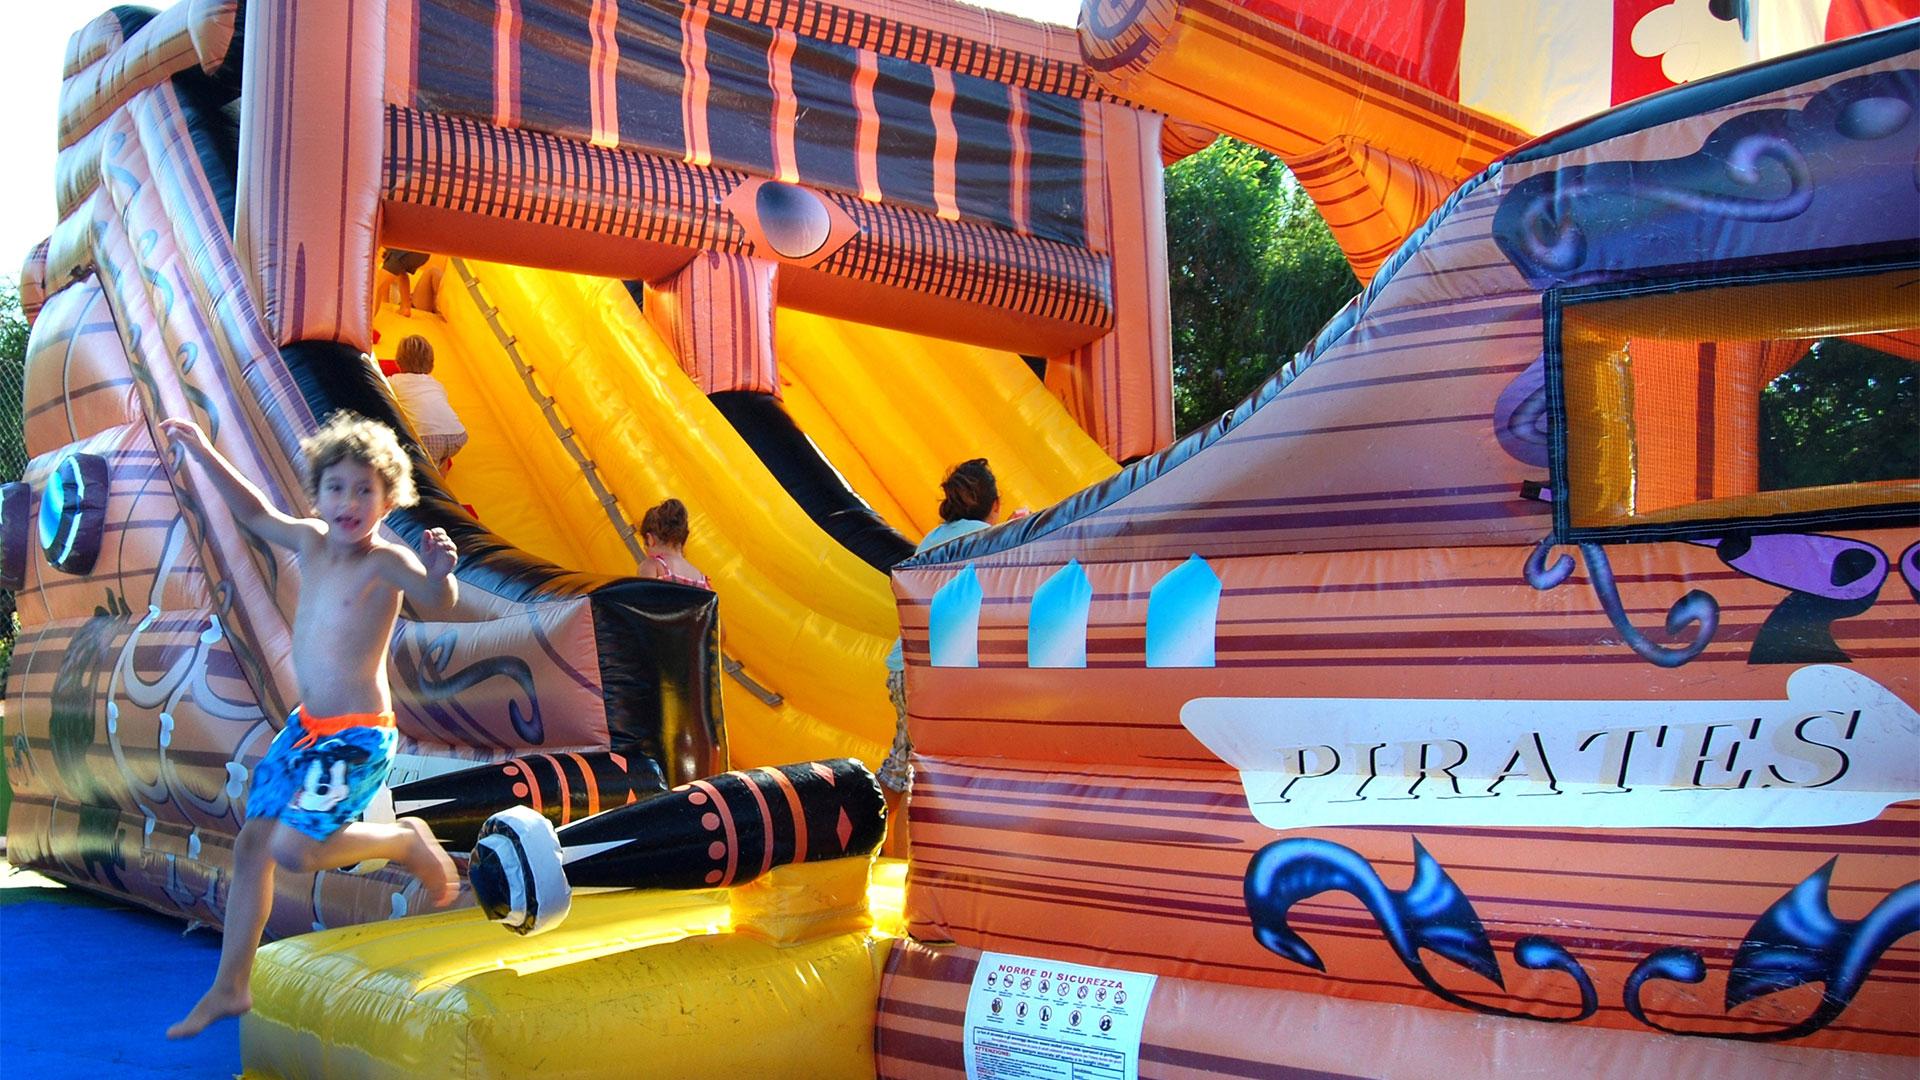 delphina-hotels-slide-giochi-bimbi-mare-sardegna